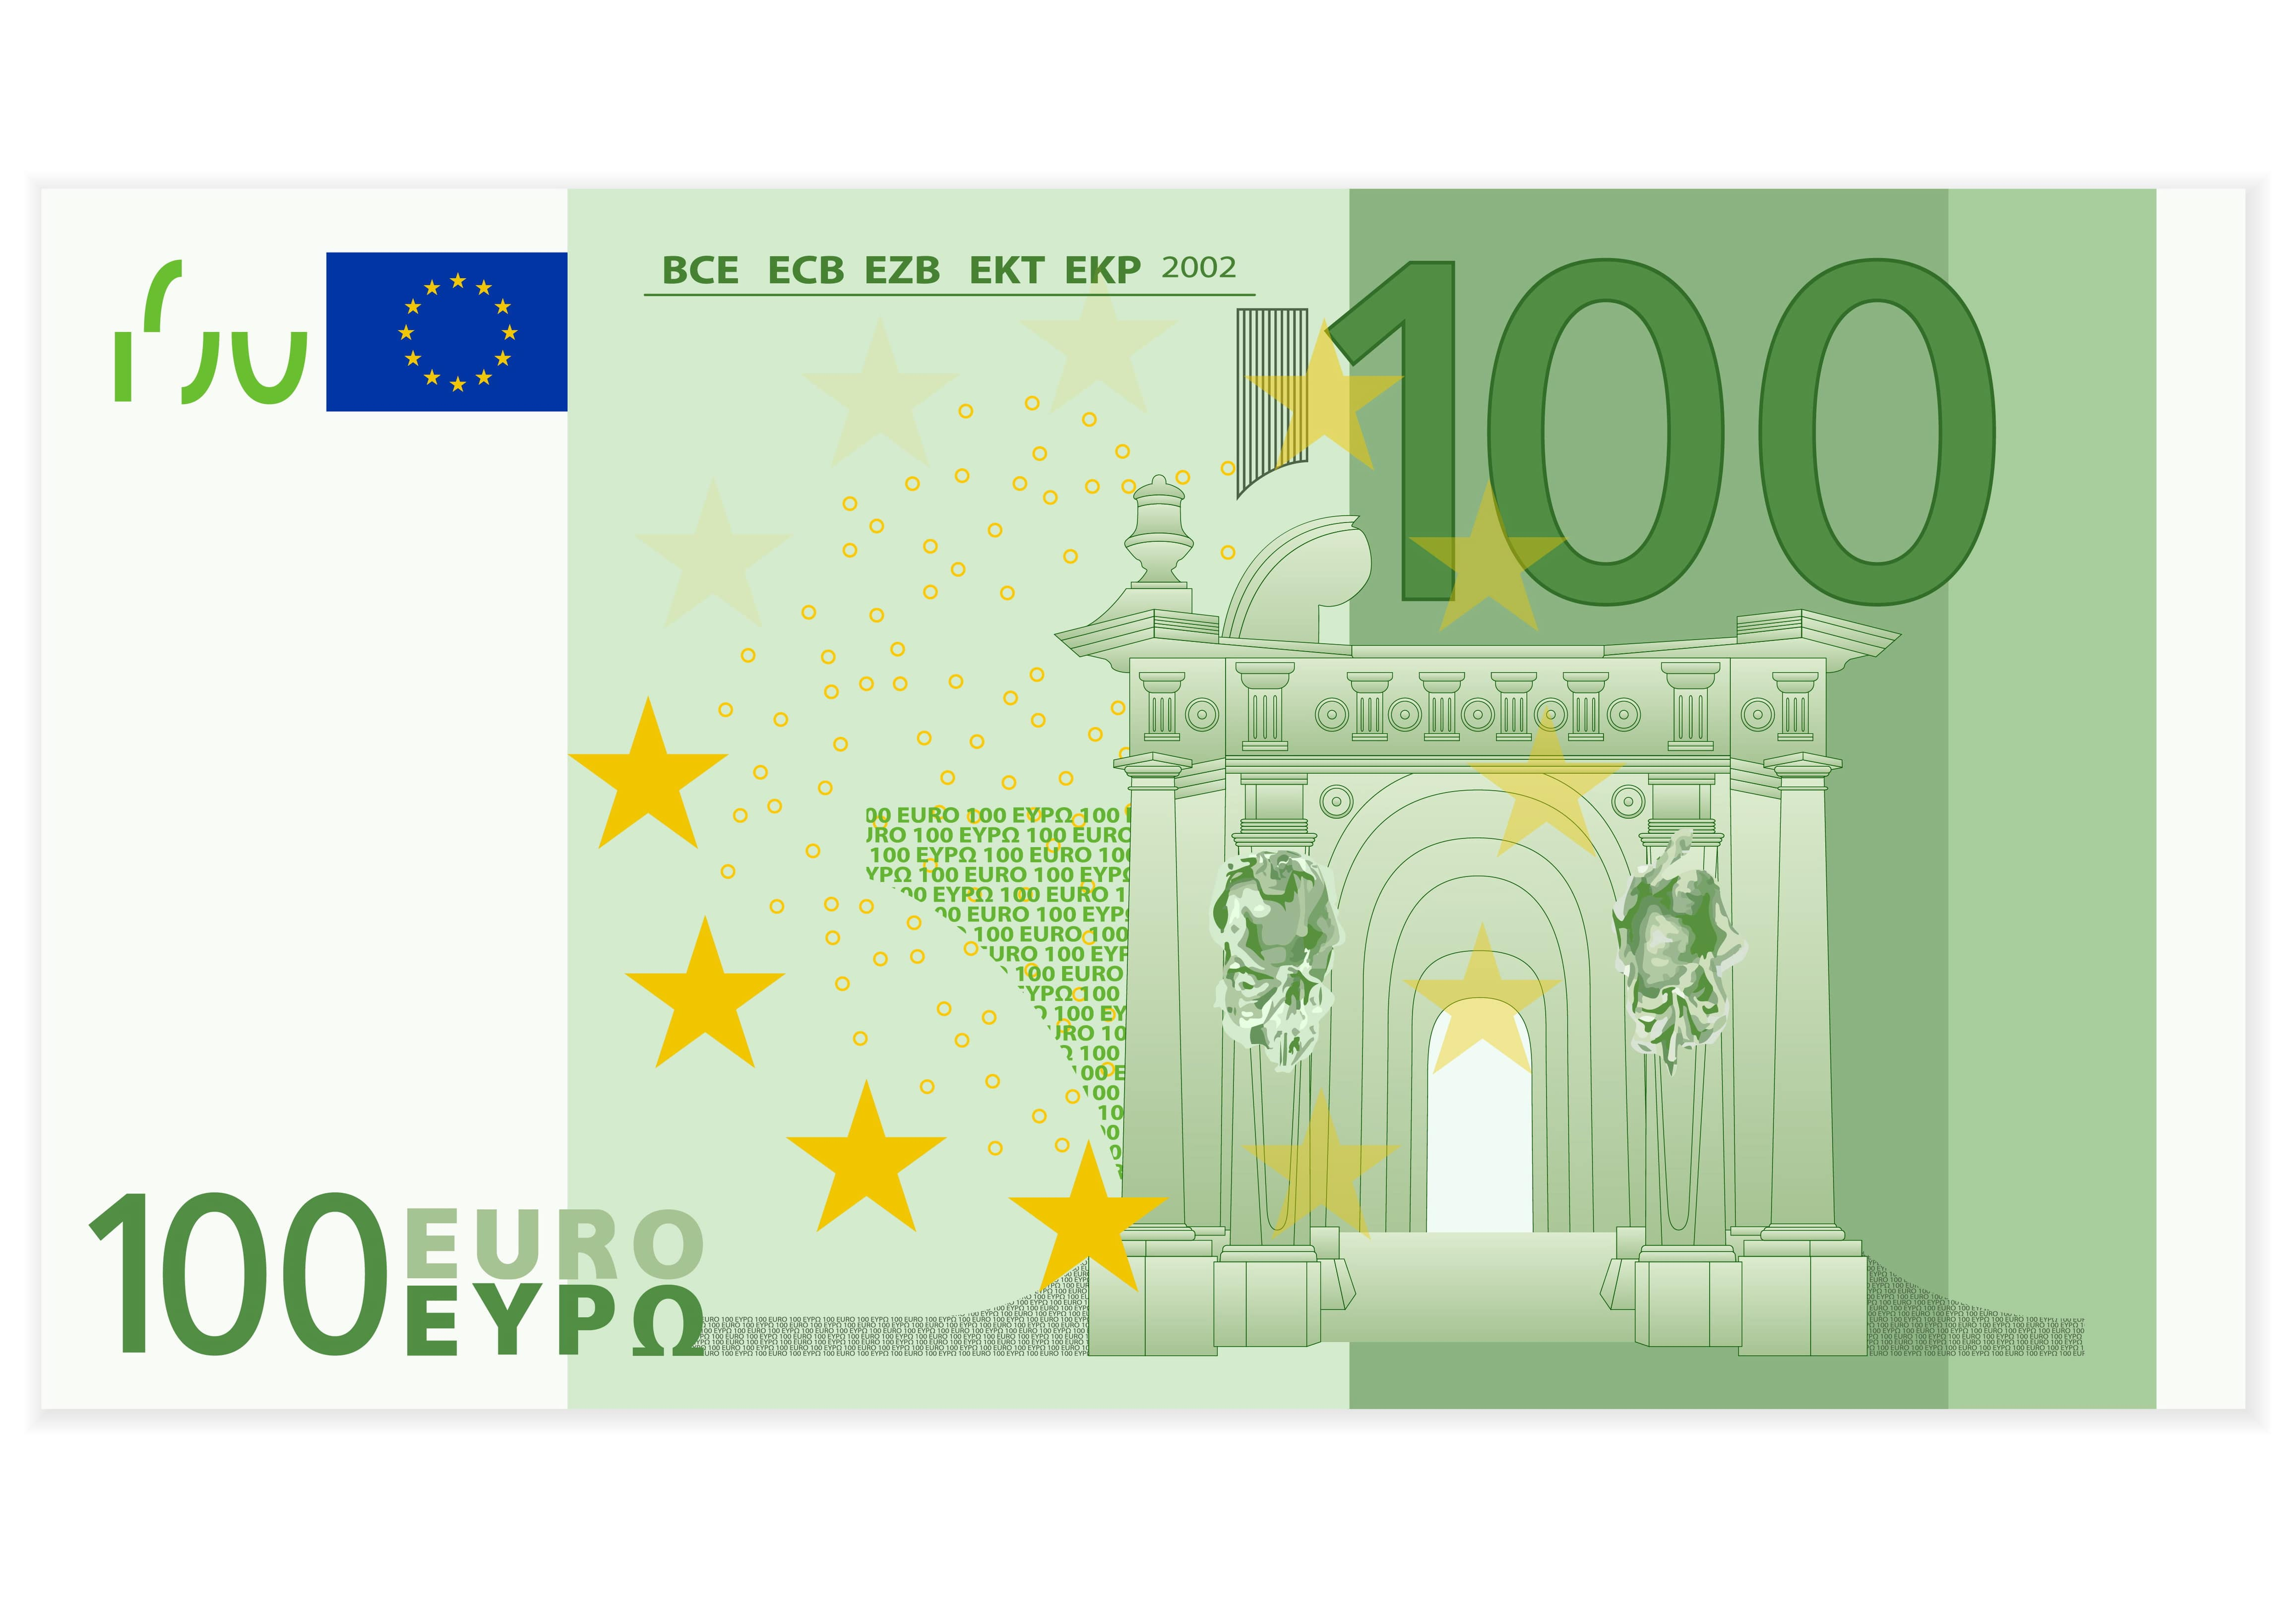 prestamistas en Donostia particulares y privados